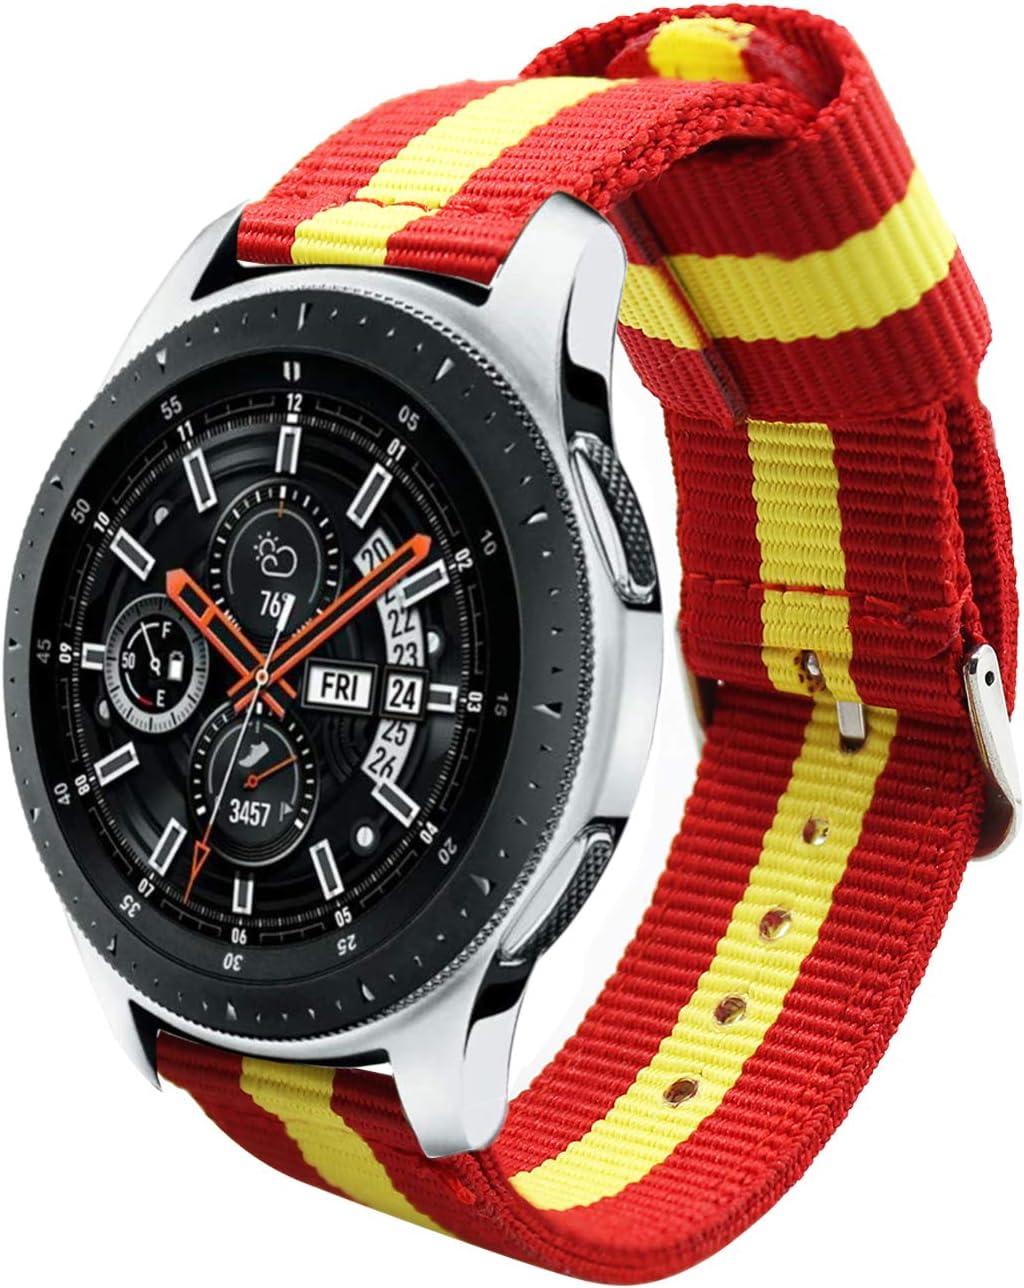 Estuyoya - Pulsera de Nailon Compatible con Samsung Gear S3 Frontier /Classic/Galaxy Watch 46mm Colores Bandera de España 22mm Ajustable Transpirable Deportiva Casual Elegante: Amazon.es: Electrónica